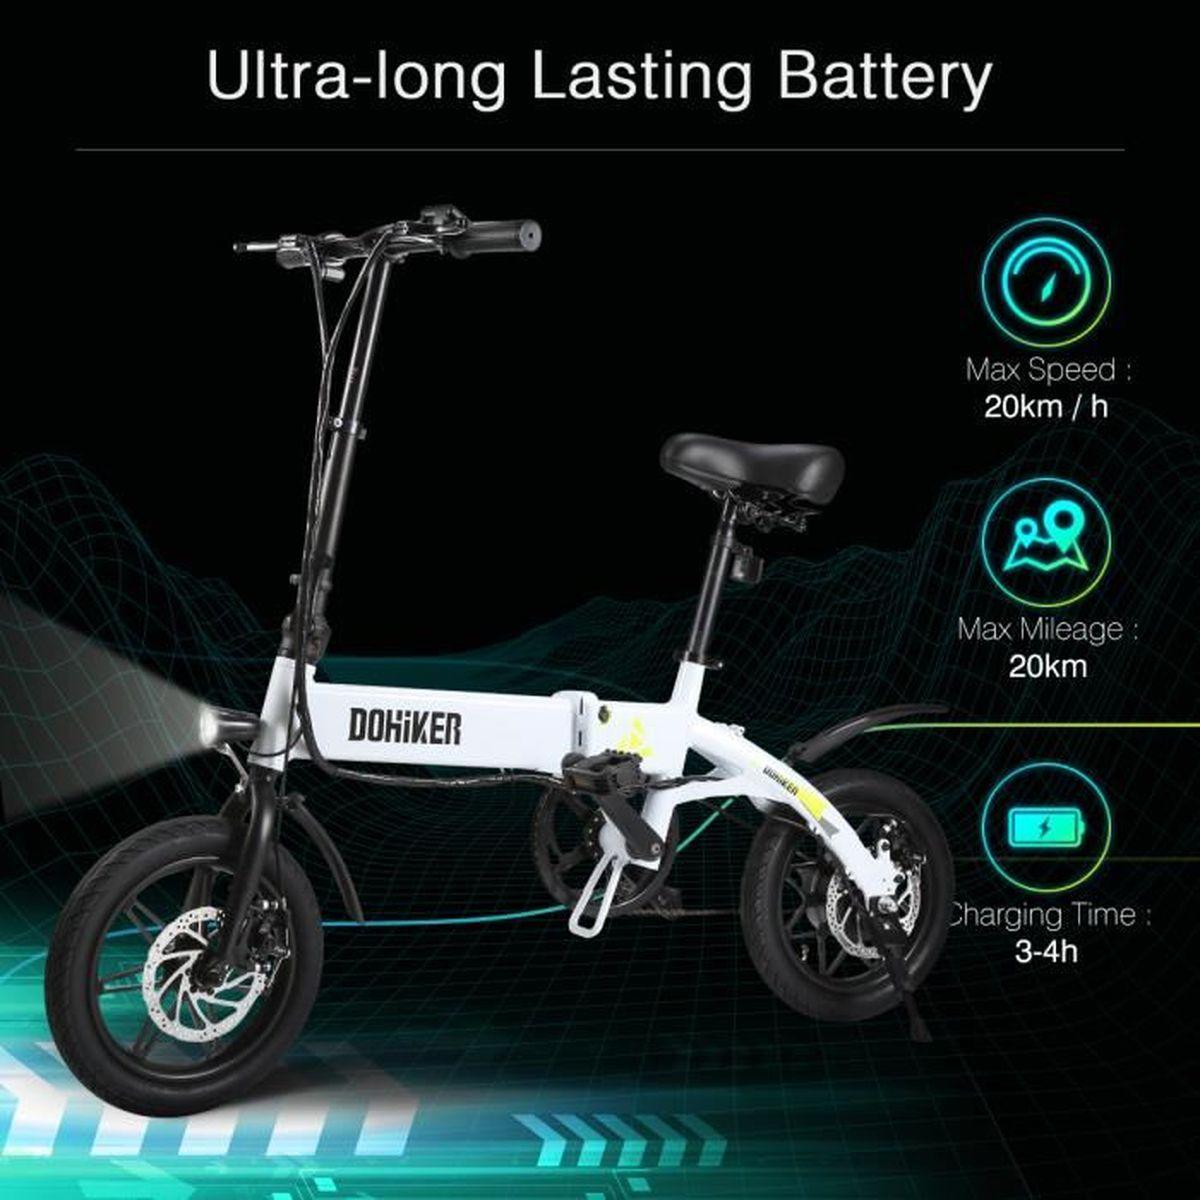 add87fef6f2e2b Excelvan Vélo électrique Pliant 270Wh Pneu Durable LED Phare 3 Modes de  Conduite EU Blanc